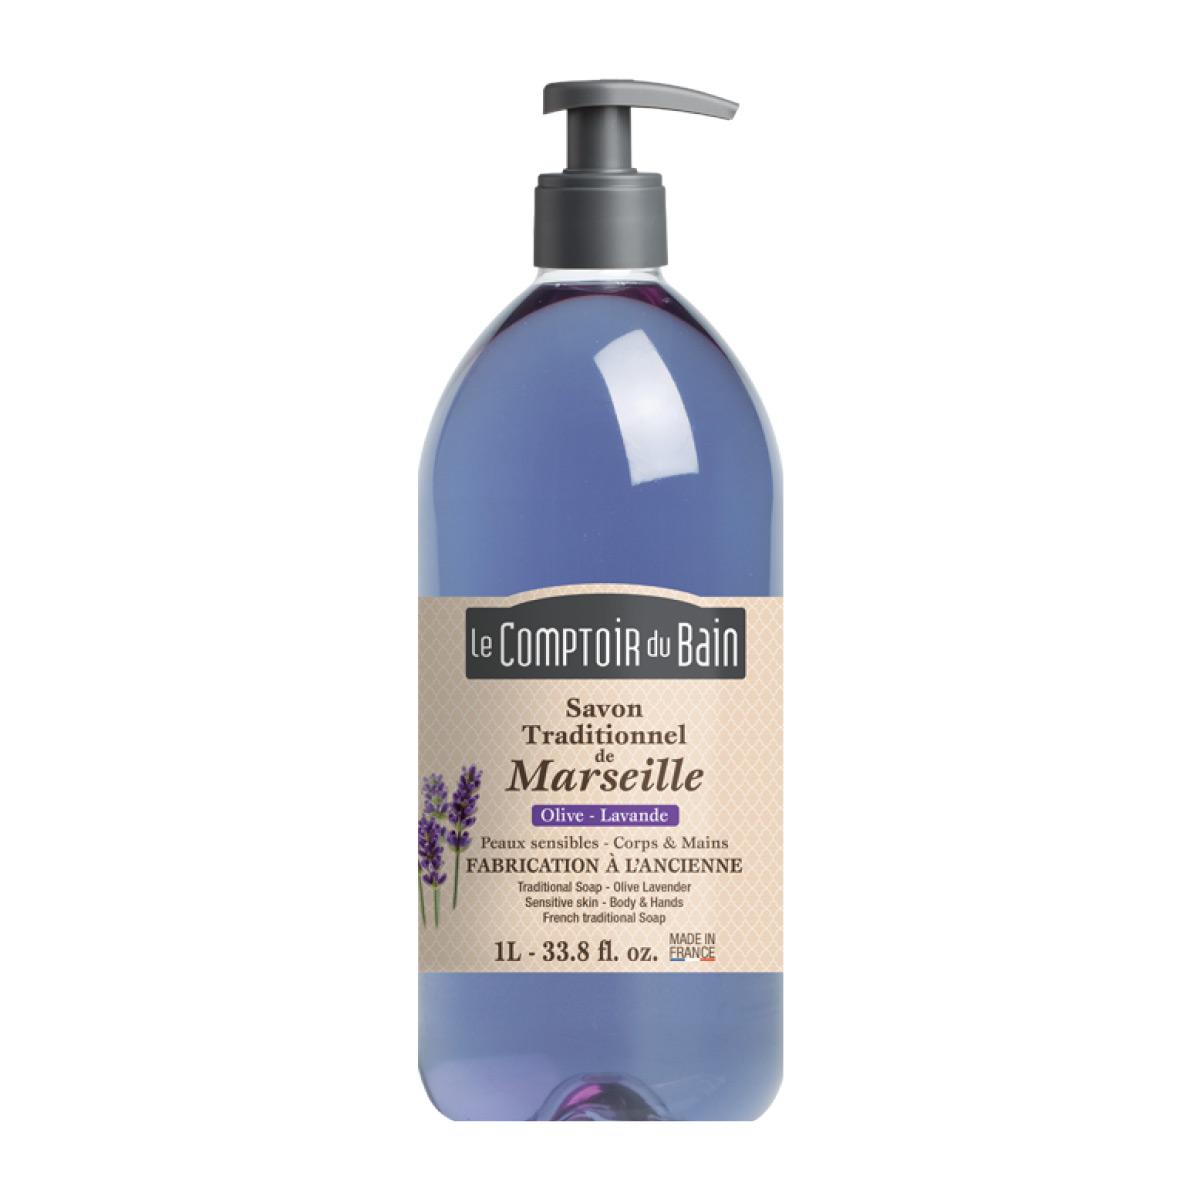 Le comptoir du bain savon liquide de marseille olive - Savon liquide de marseille le comptoir du bain ...